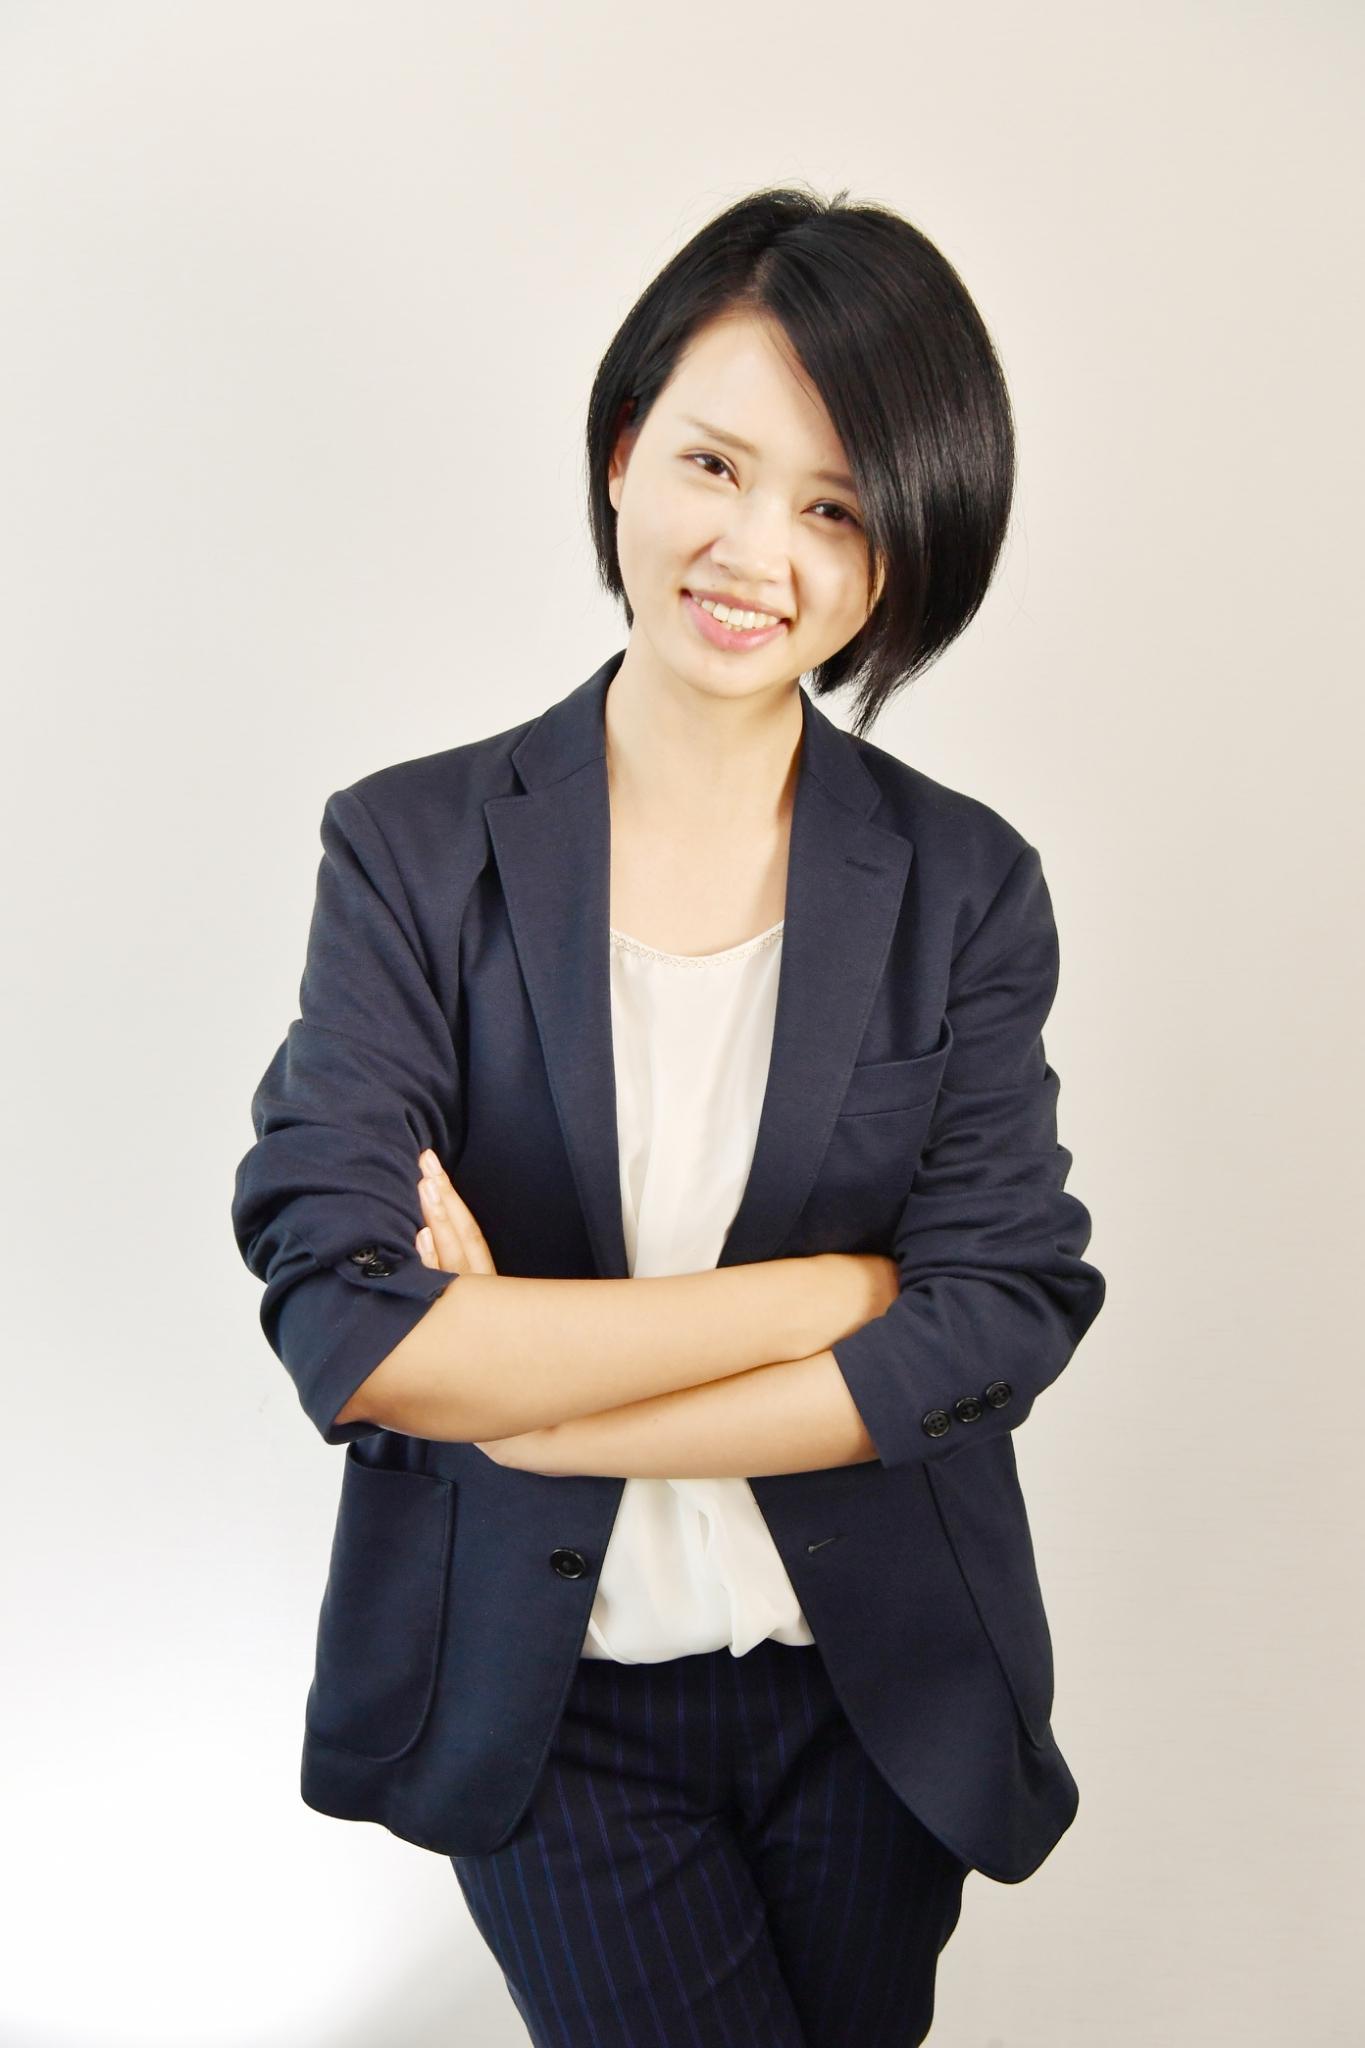 薛瑶(Jennifer)